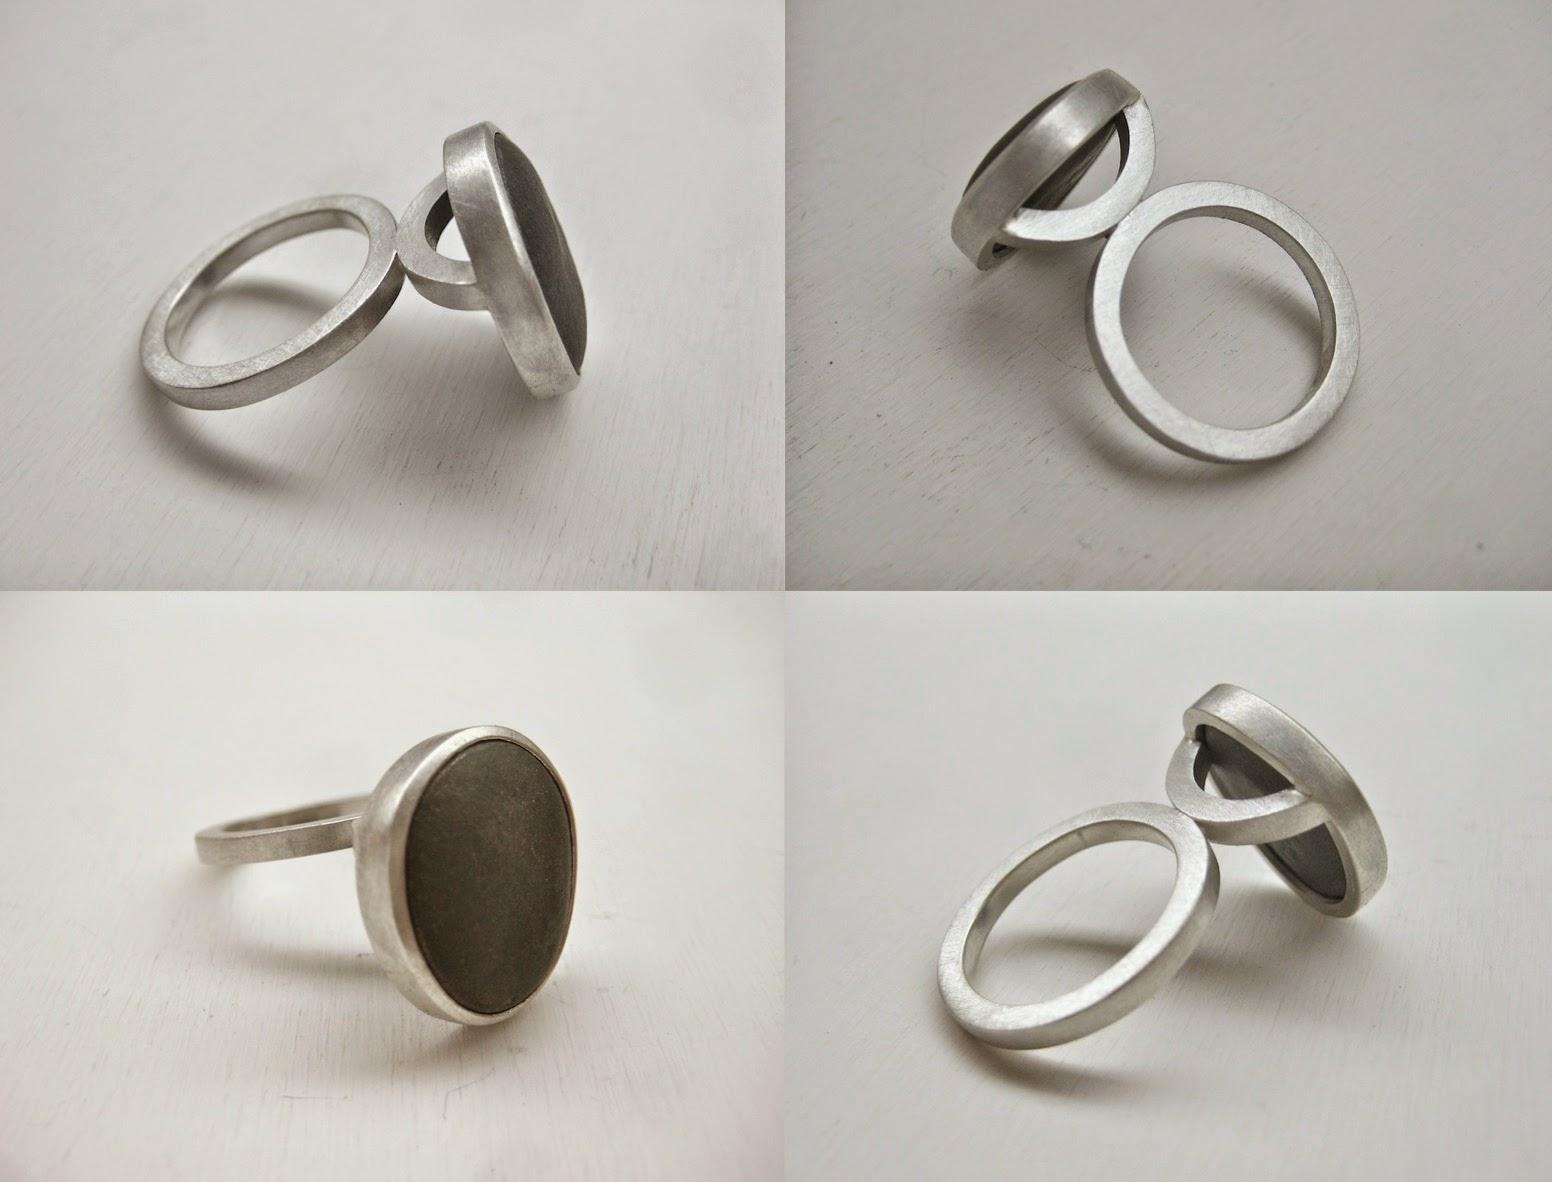 imagenes de anillos con piedras - Imagenes De Anillos | ANILLOS PIEDRAS PRECIOSAS Enfemenino